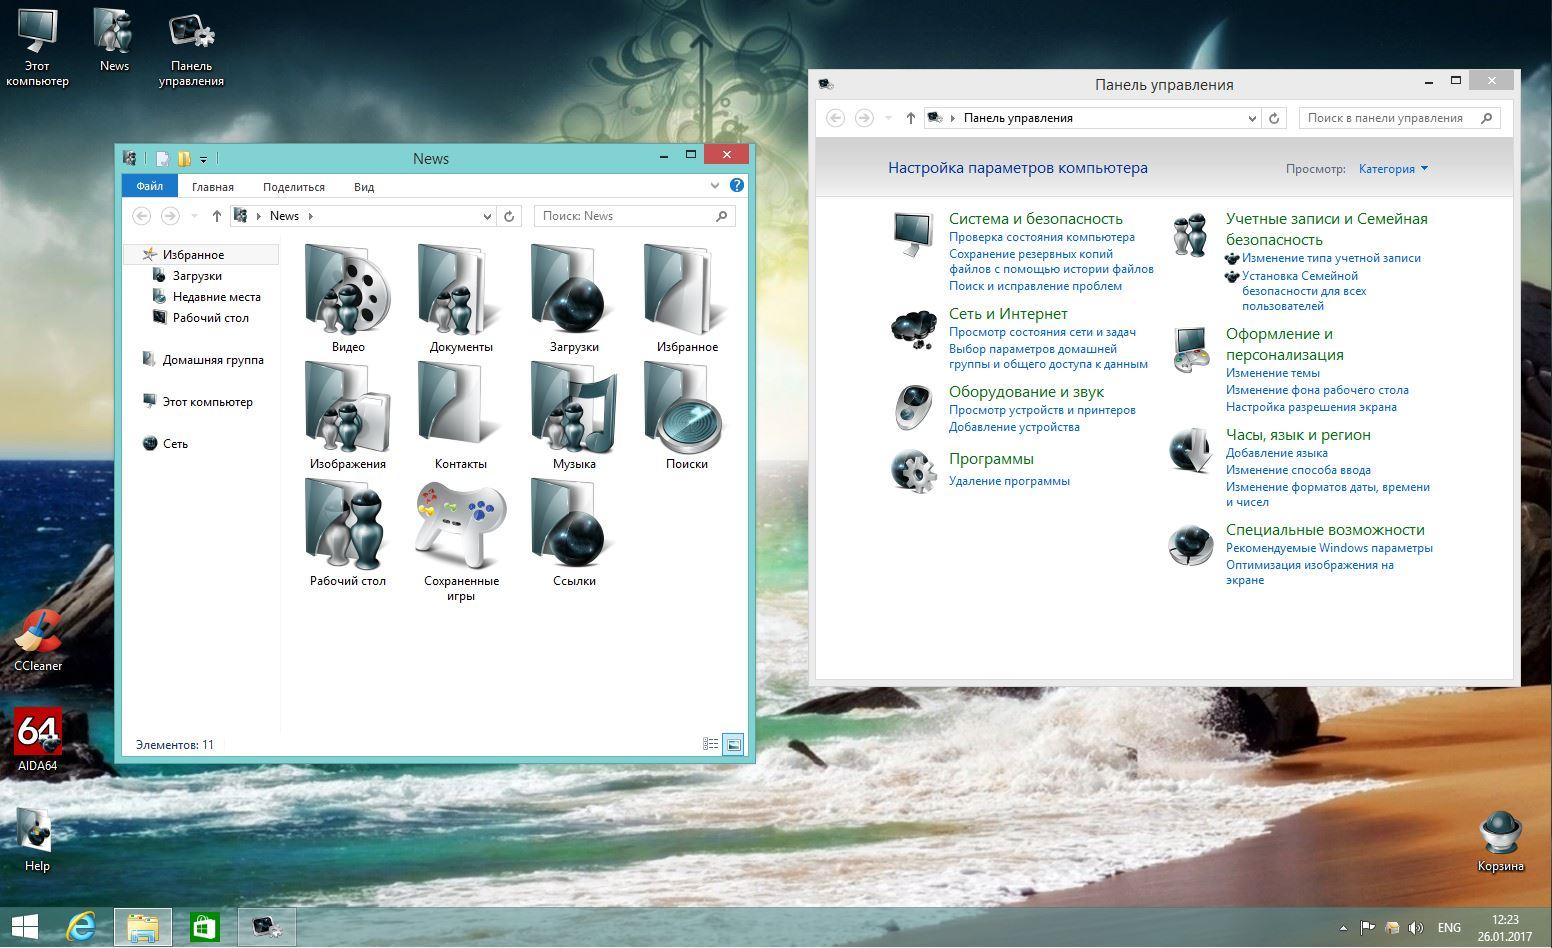 Windows скачать торрент персонализацию 8.1